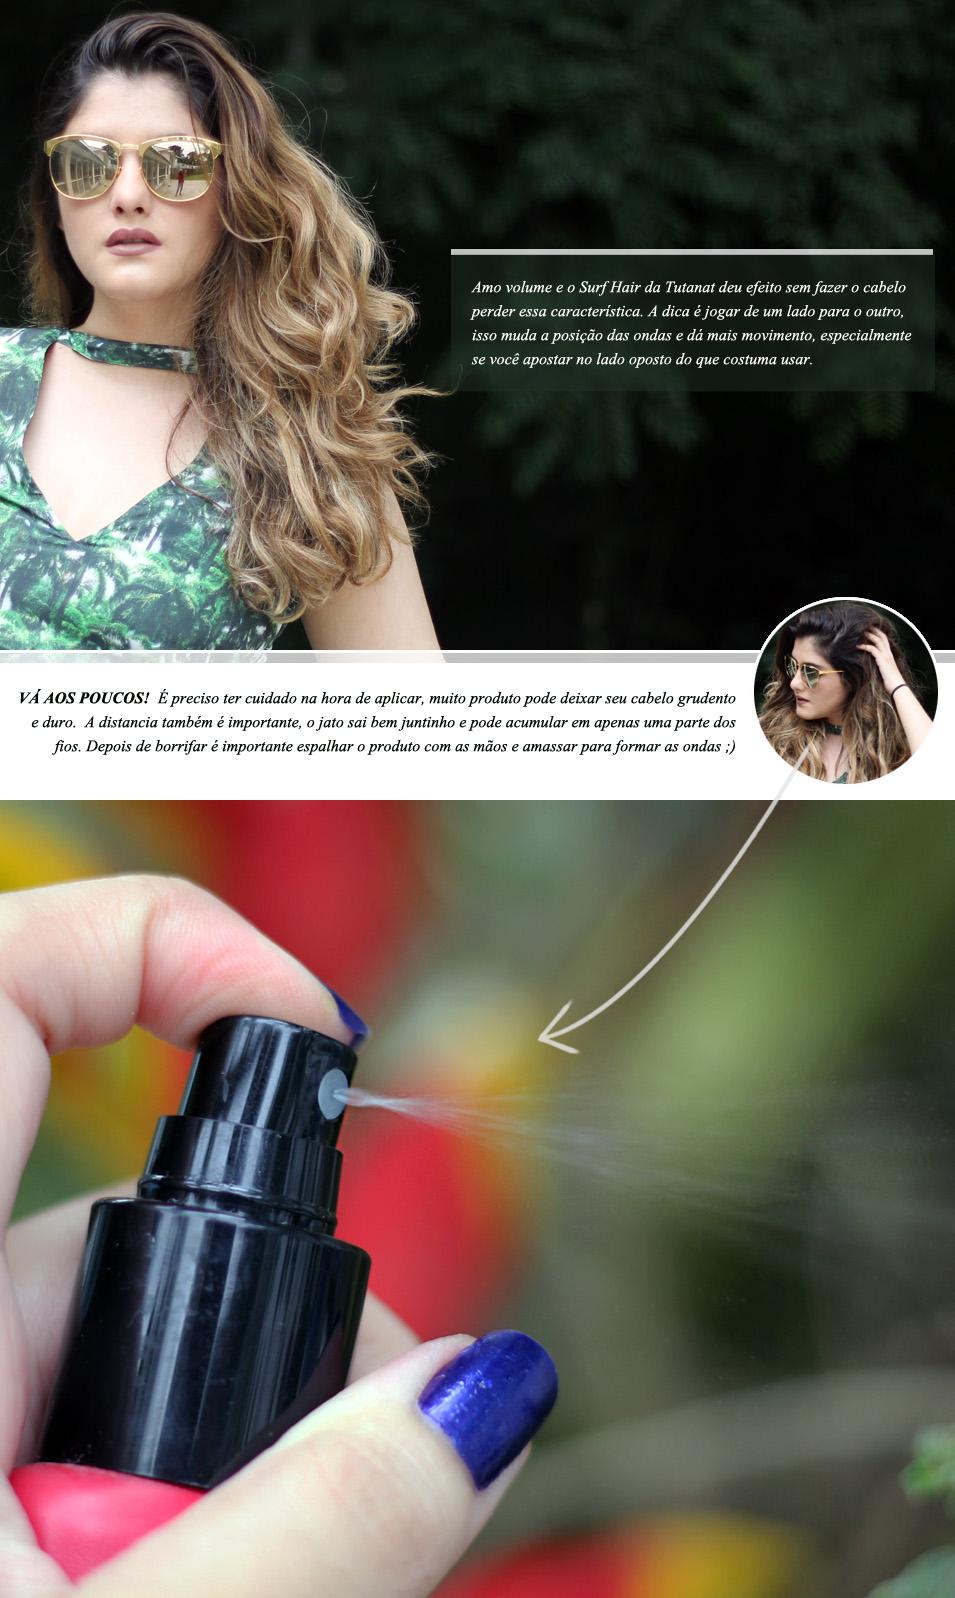 Ondas Com Finalizador: Resenha Surf Hair - Tutanat - Agenda Fashion